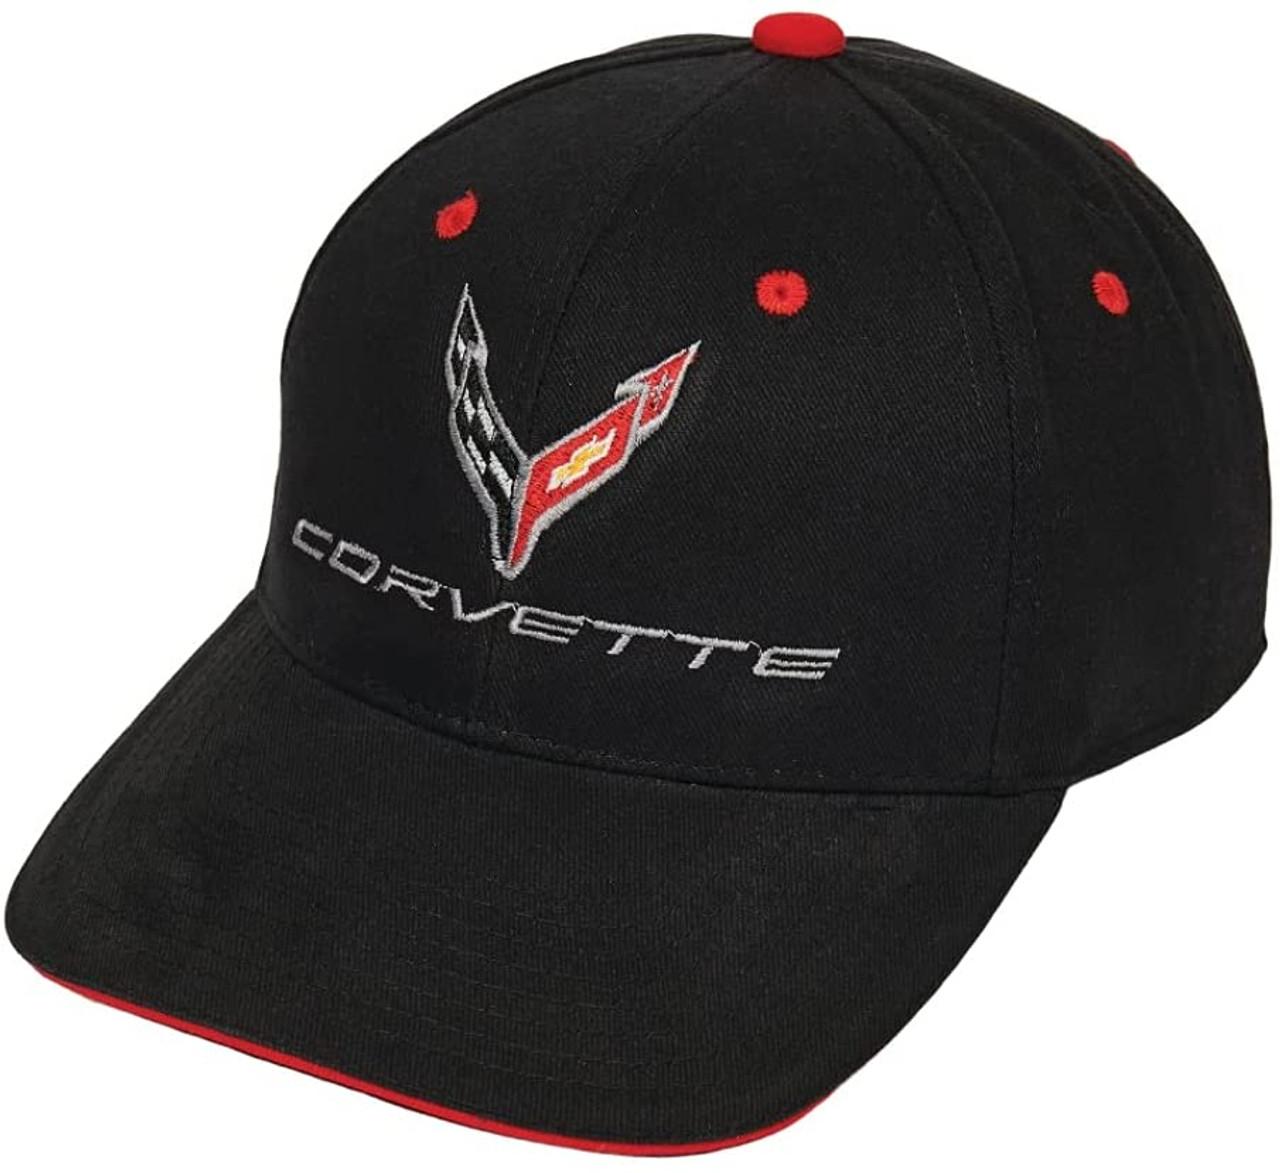 C8 Corvette Structured Contrast Black Cotton Hat